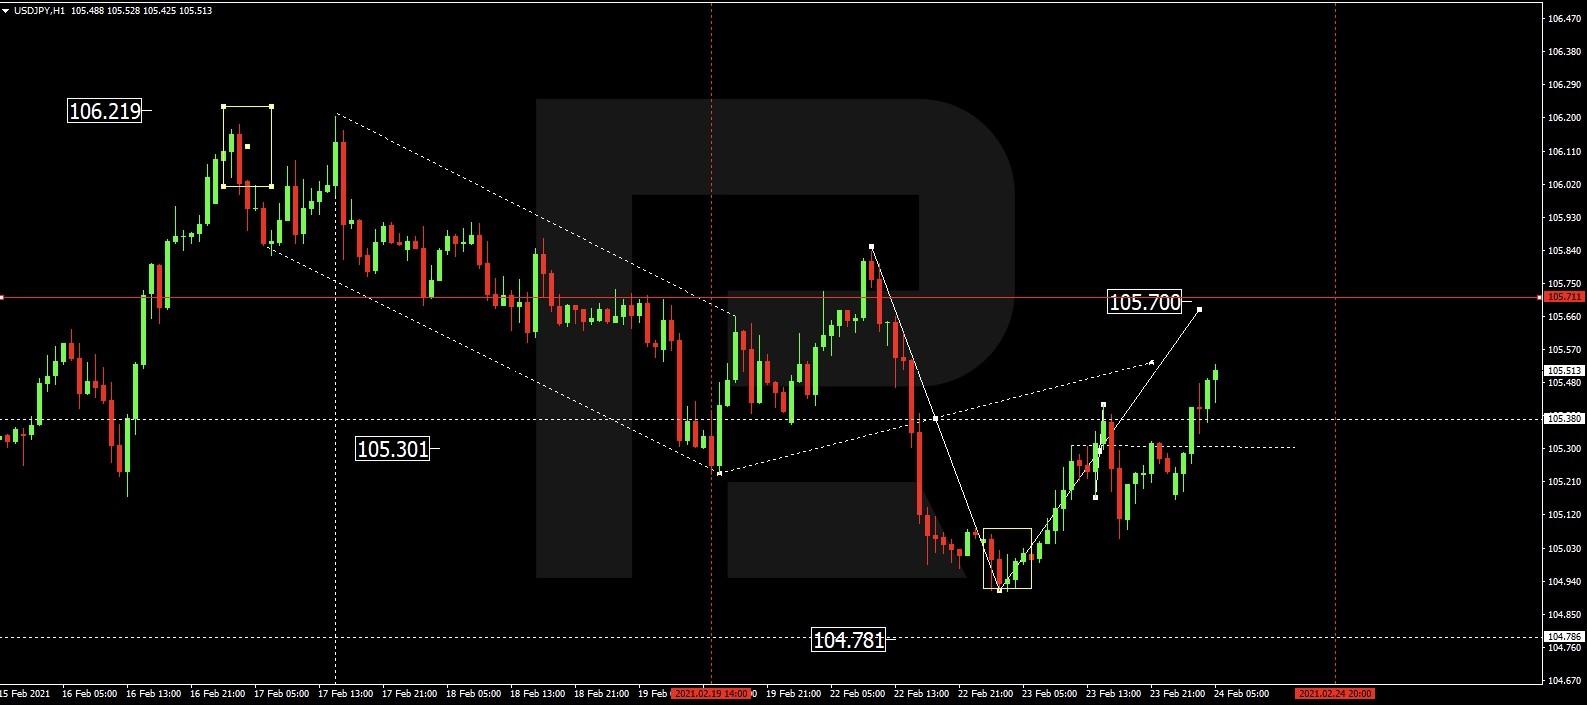 Технический анализ и прогноз по рынку Форекс на 24 февраля: мажоры, сырьевые товары и биткоин